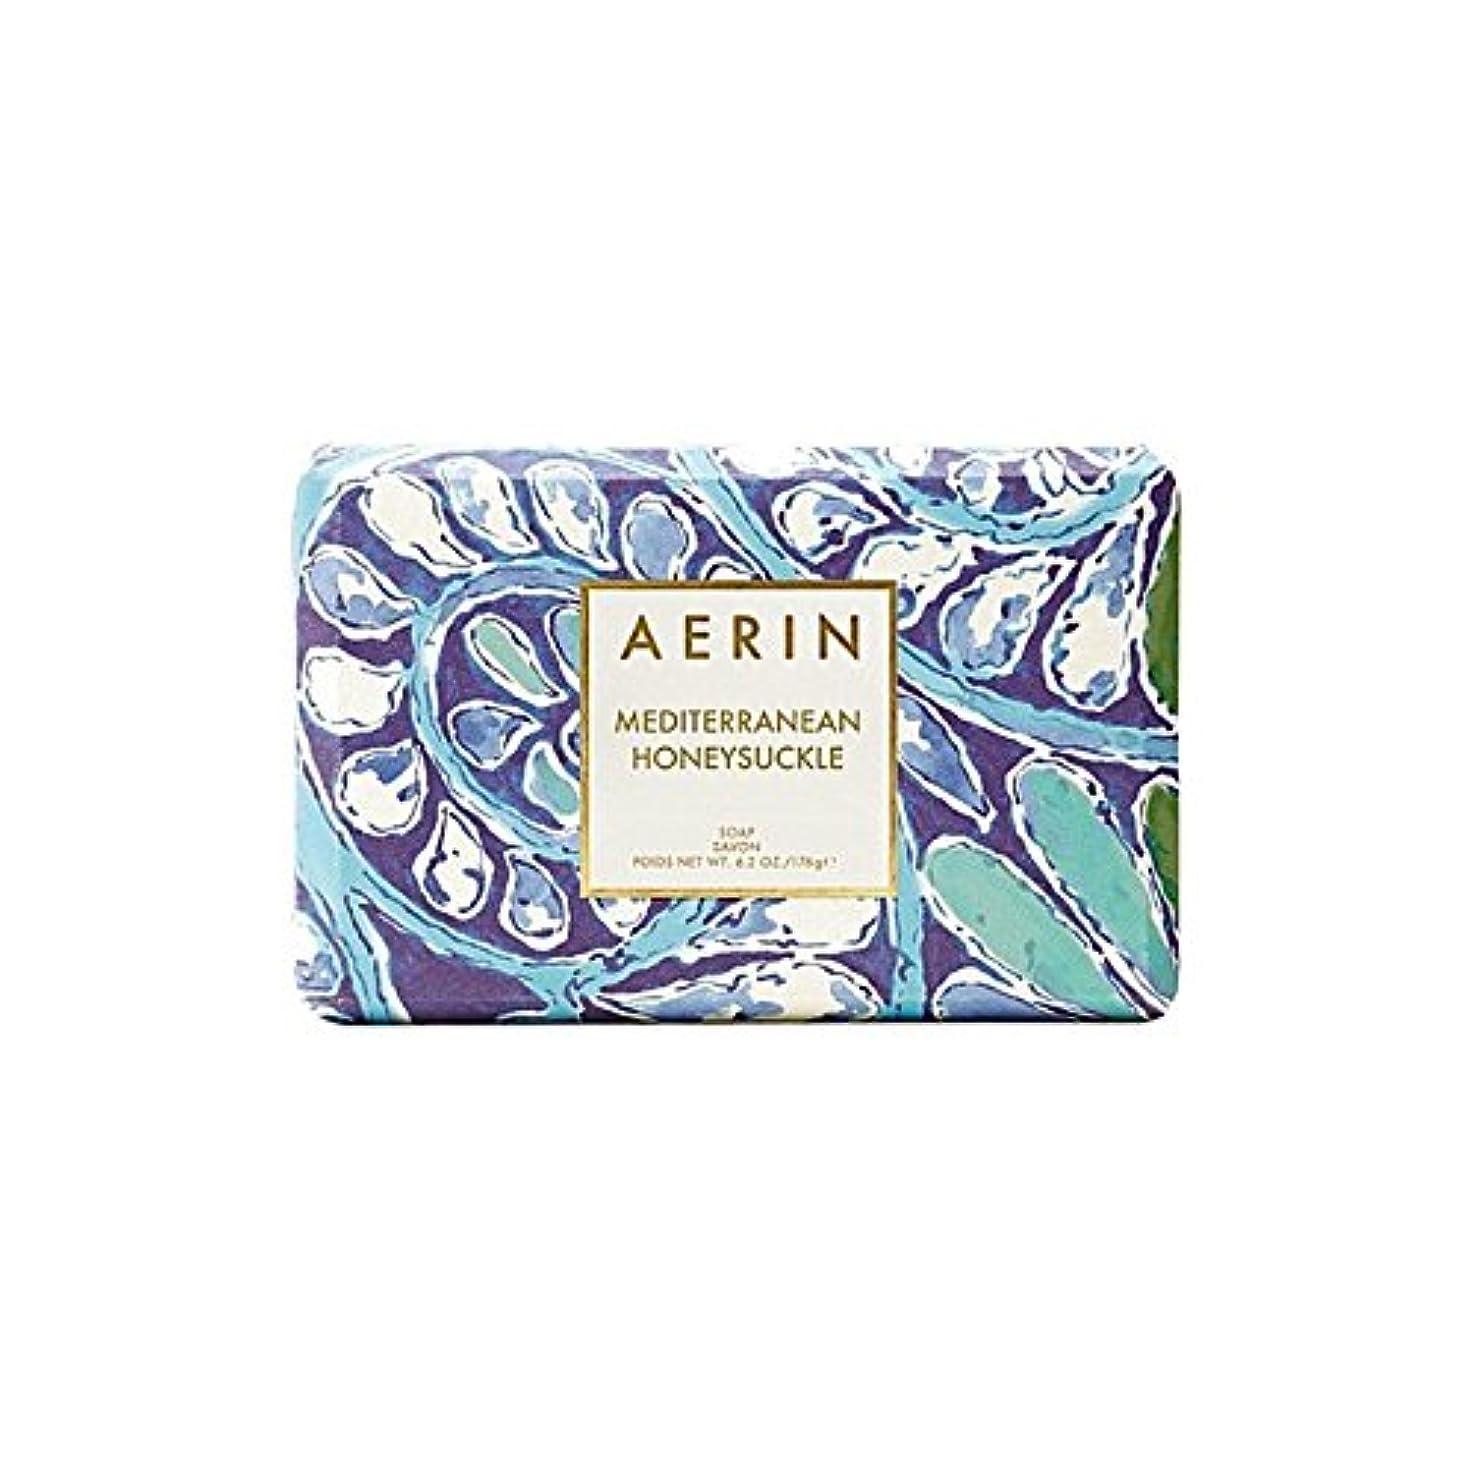 玉拷問存在スイカズラ固形石鹸176グラム x2 - Aerin Mediterrenean Honeysuckle Bar Soap 176G (Pack of 2) [並行輸入品]